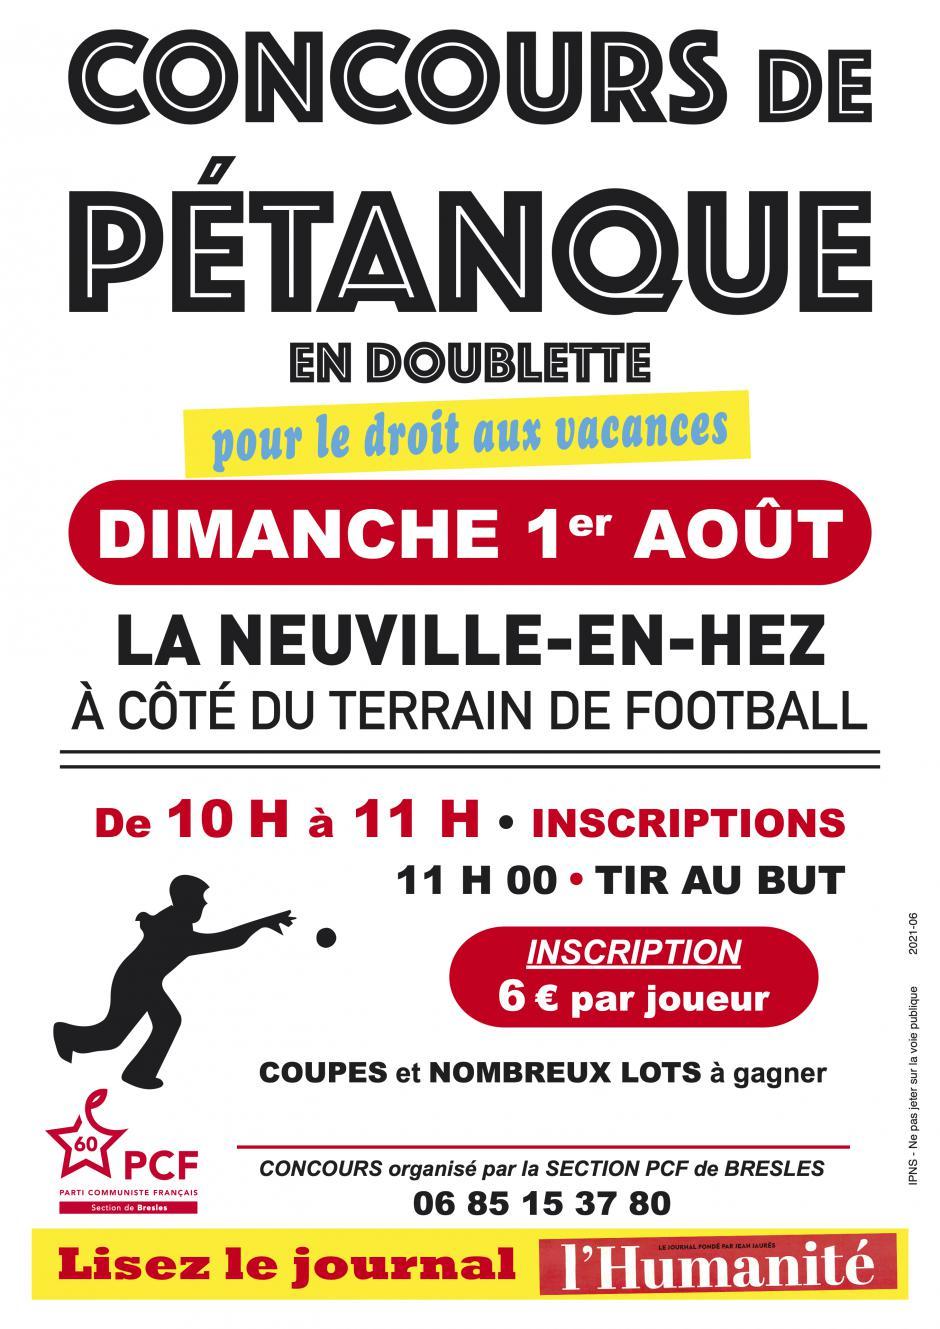 1er août, La Neuville-en-Hez- Concours de pétanque de la section PCF de Bresles